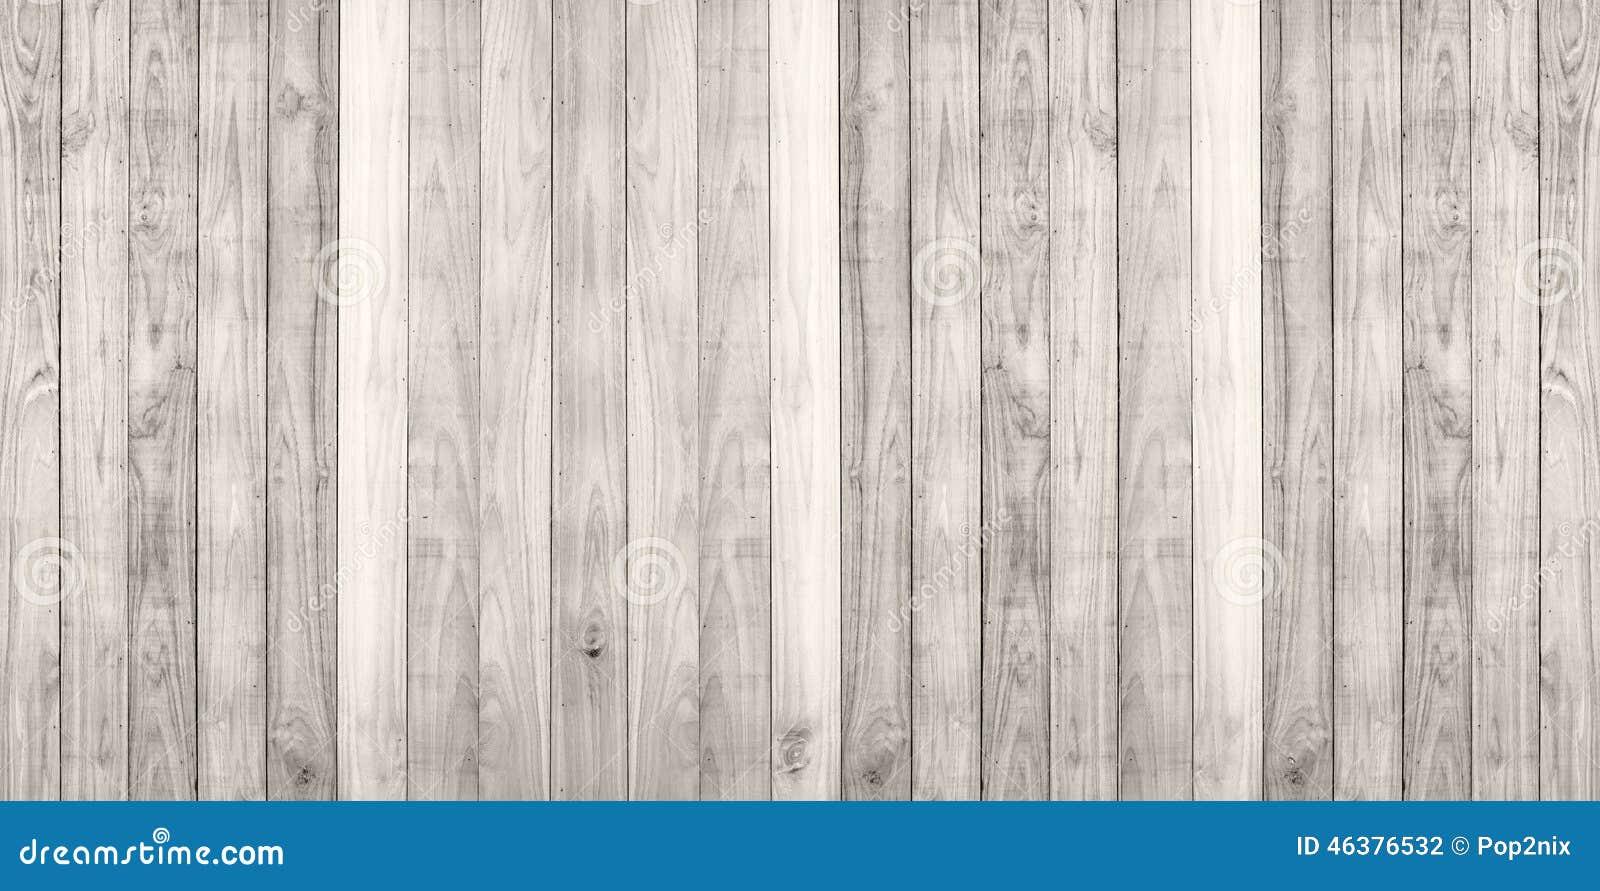 Panorama de madera del fondo de la textura de la pared del tablón de Brown